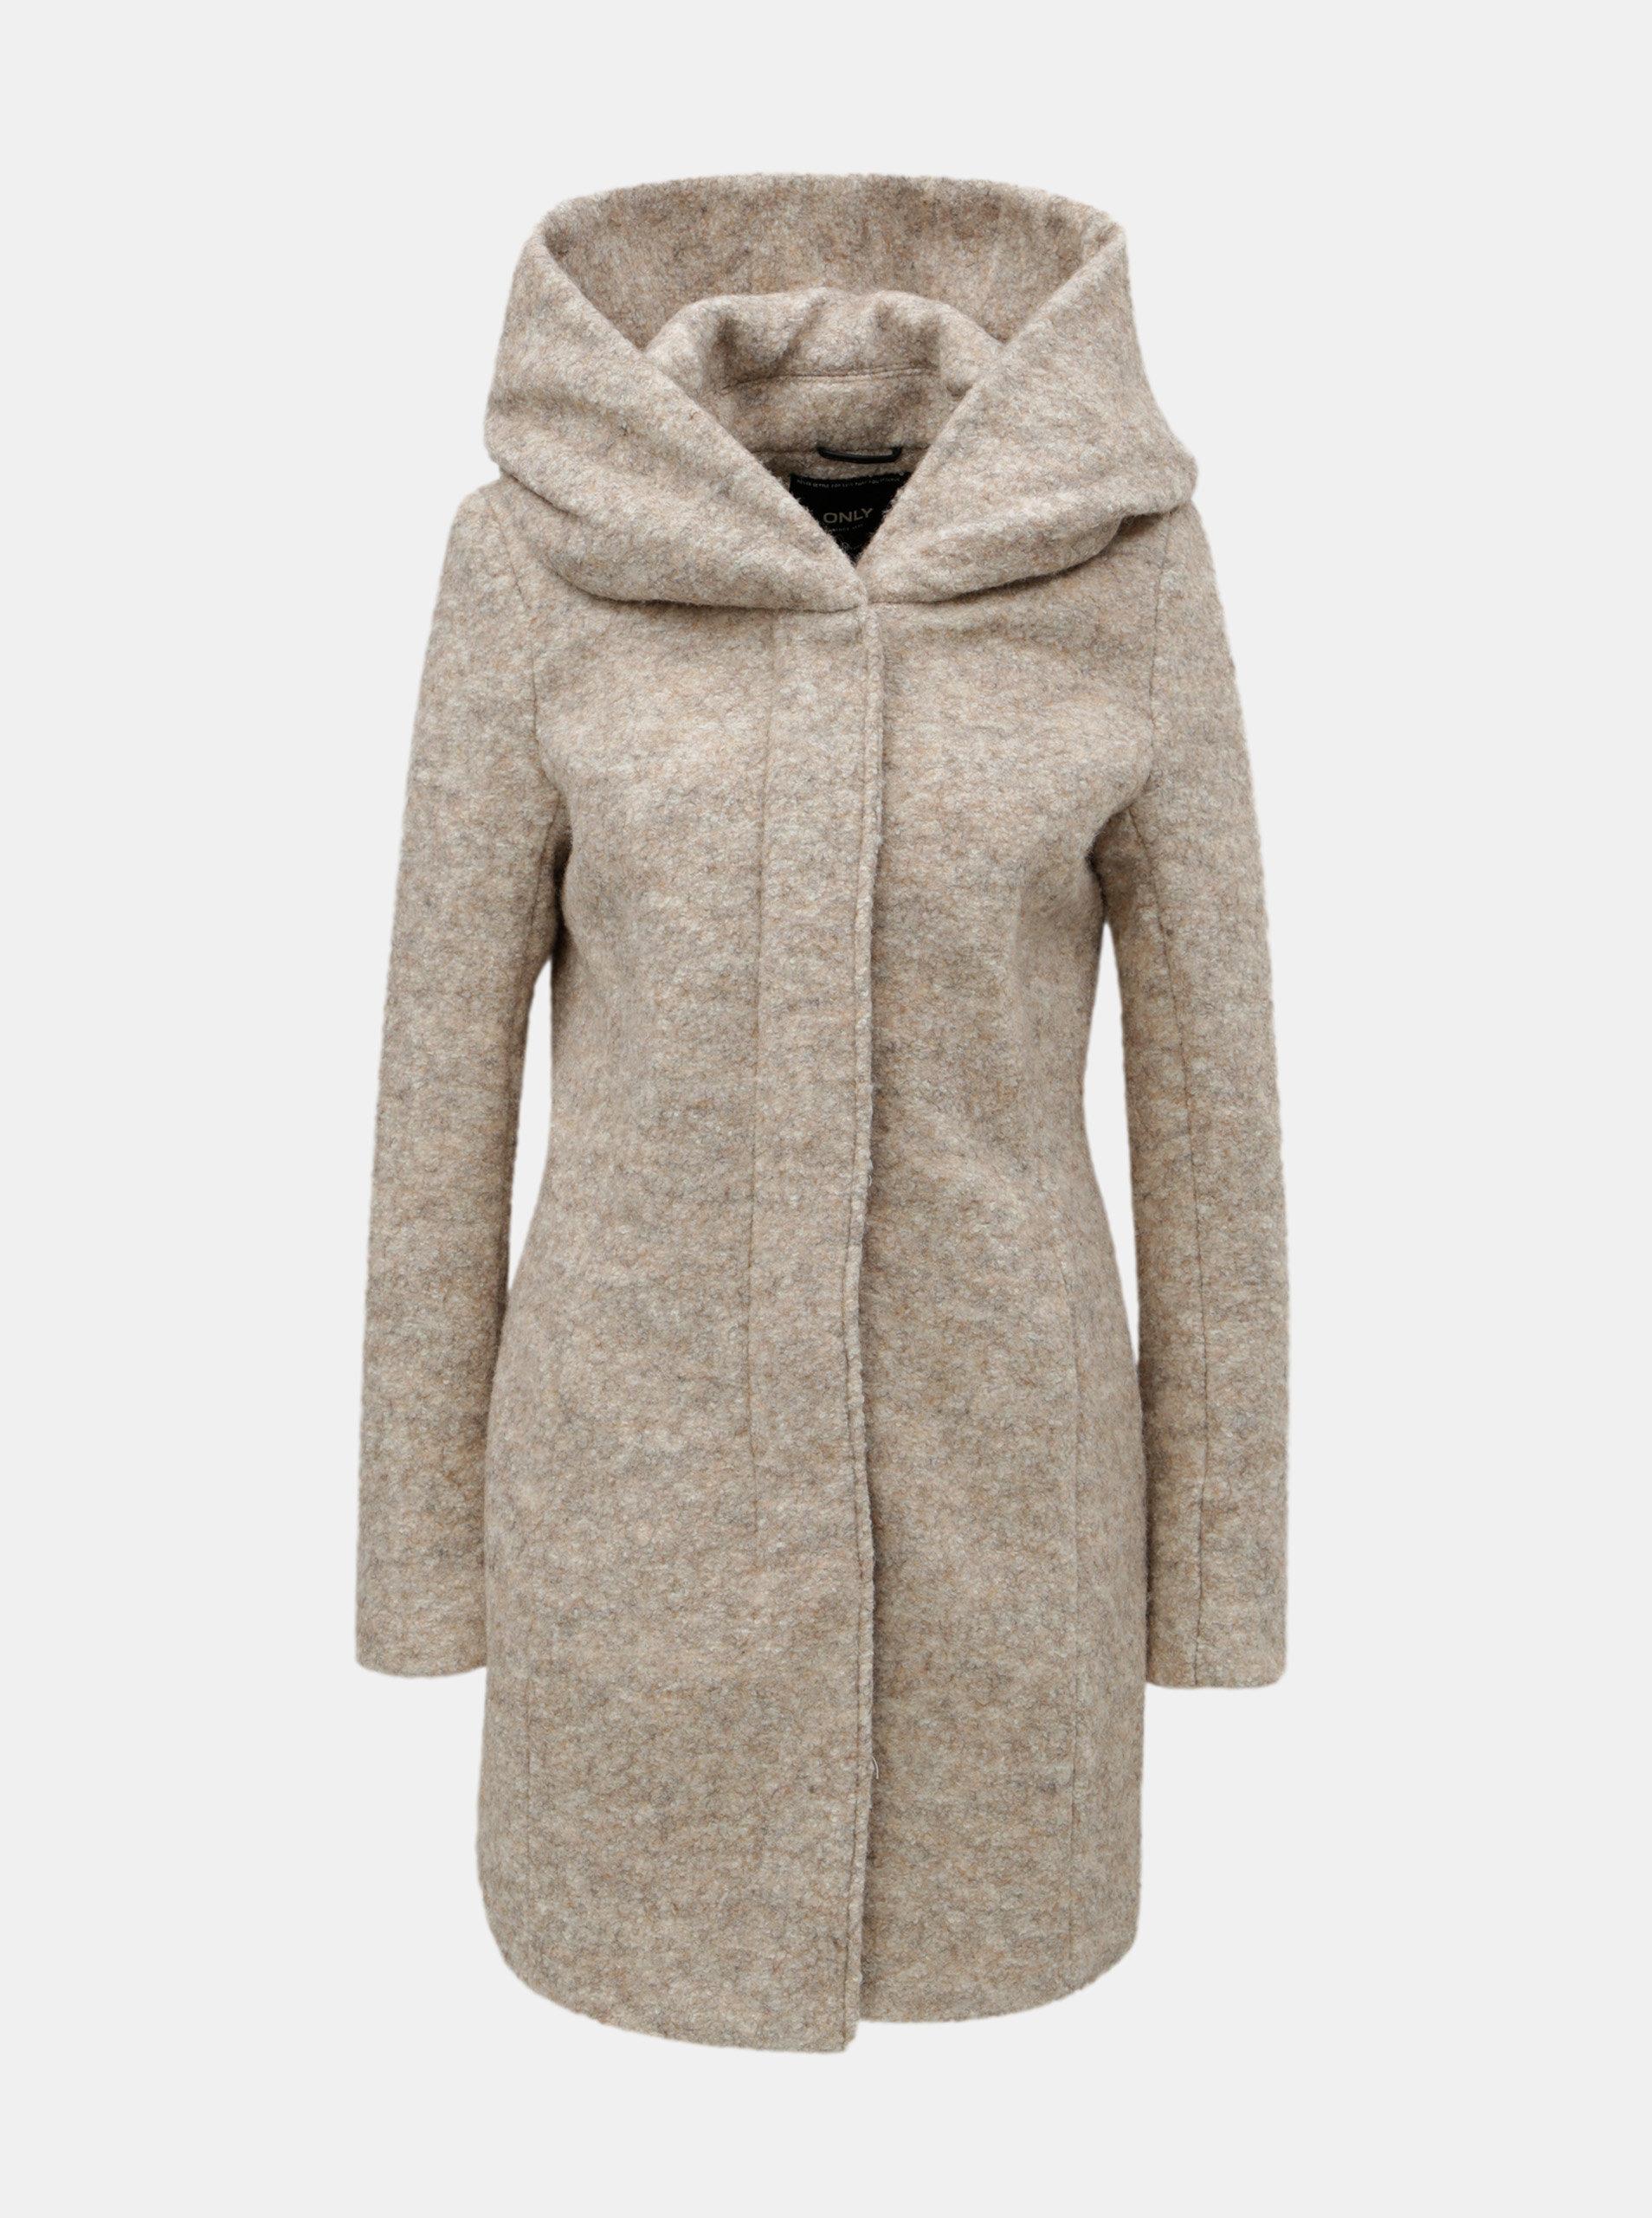 Béžový žíhaný kabát s příměsí vlny ONLY